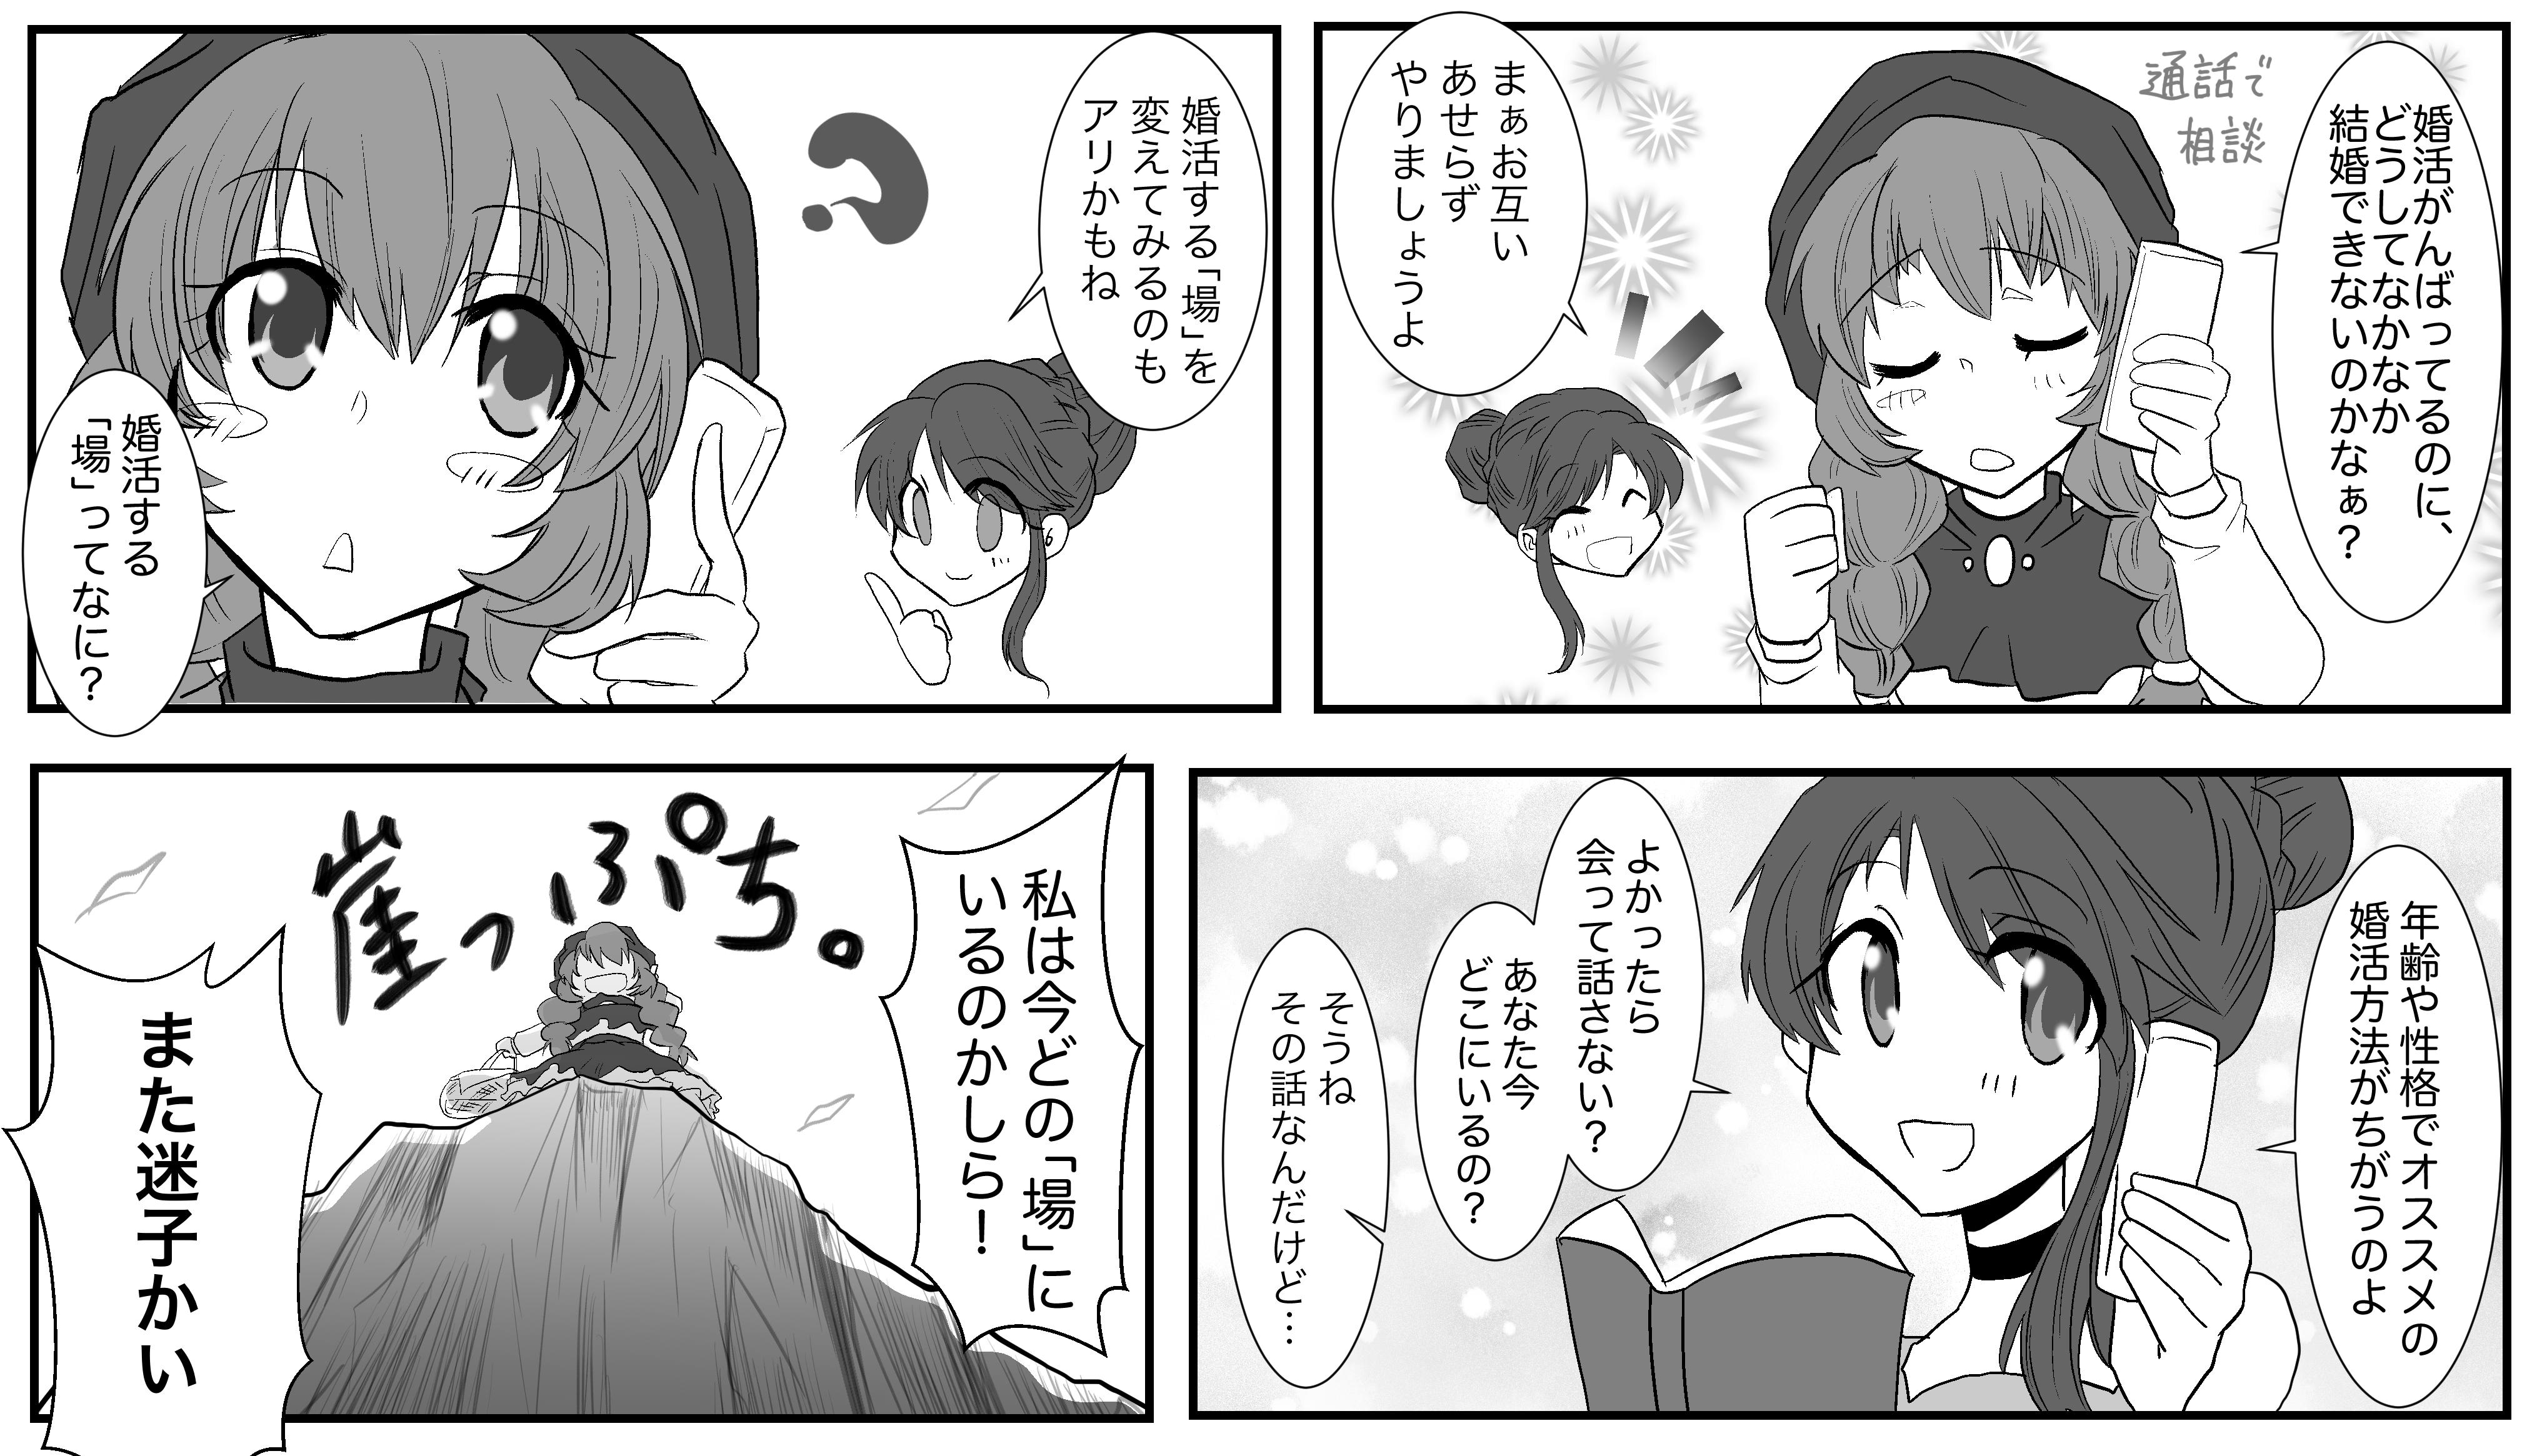 【婚活漫画】結婚までたどり着かない赤ずきん④